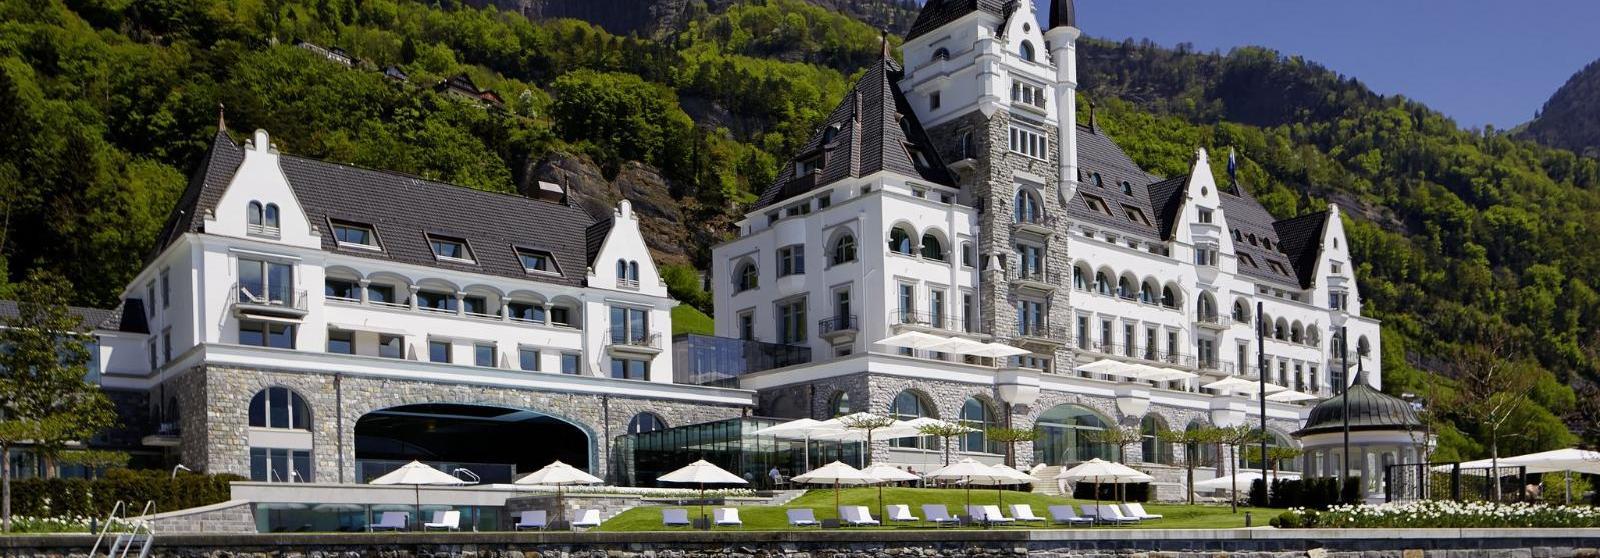 菲茨瑙公园酒店(Park Hotel Vitznau) 图片  www.lhw.cn